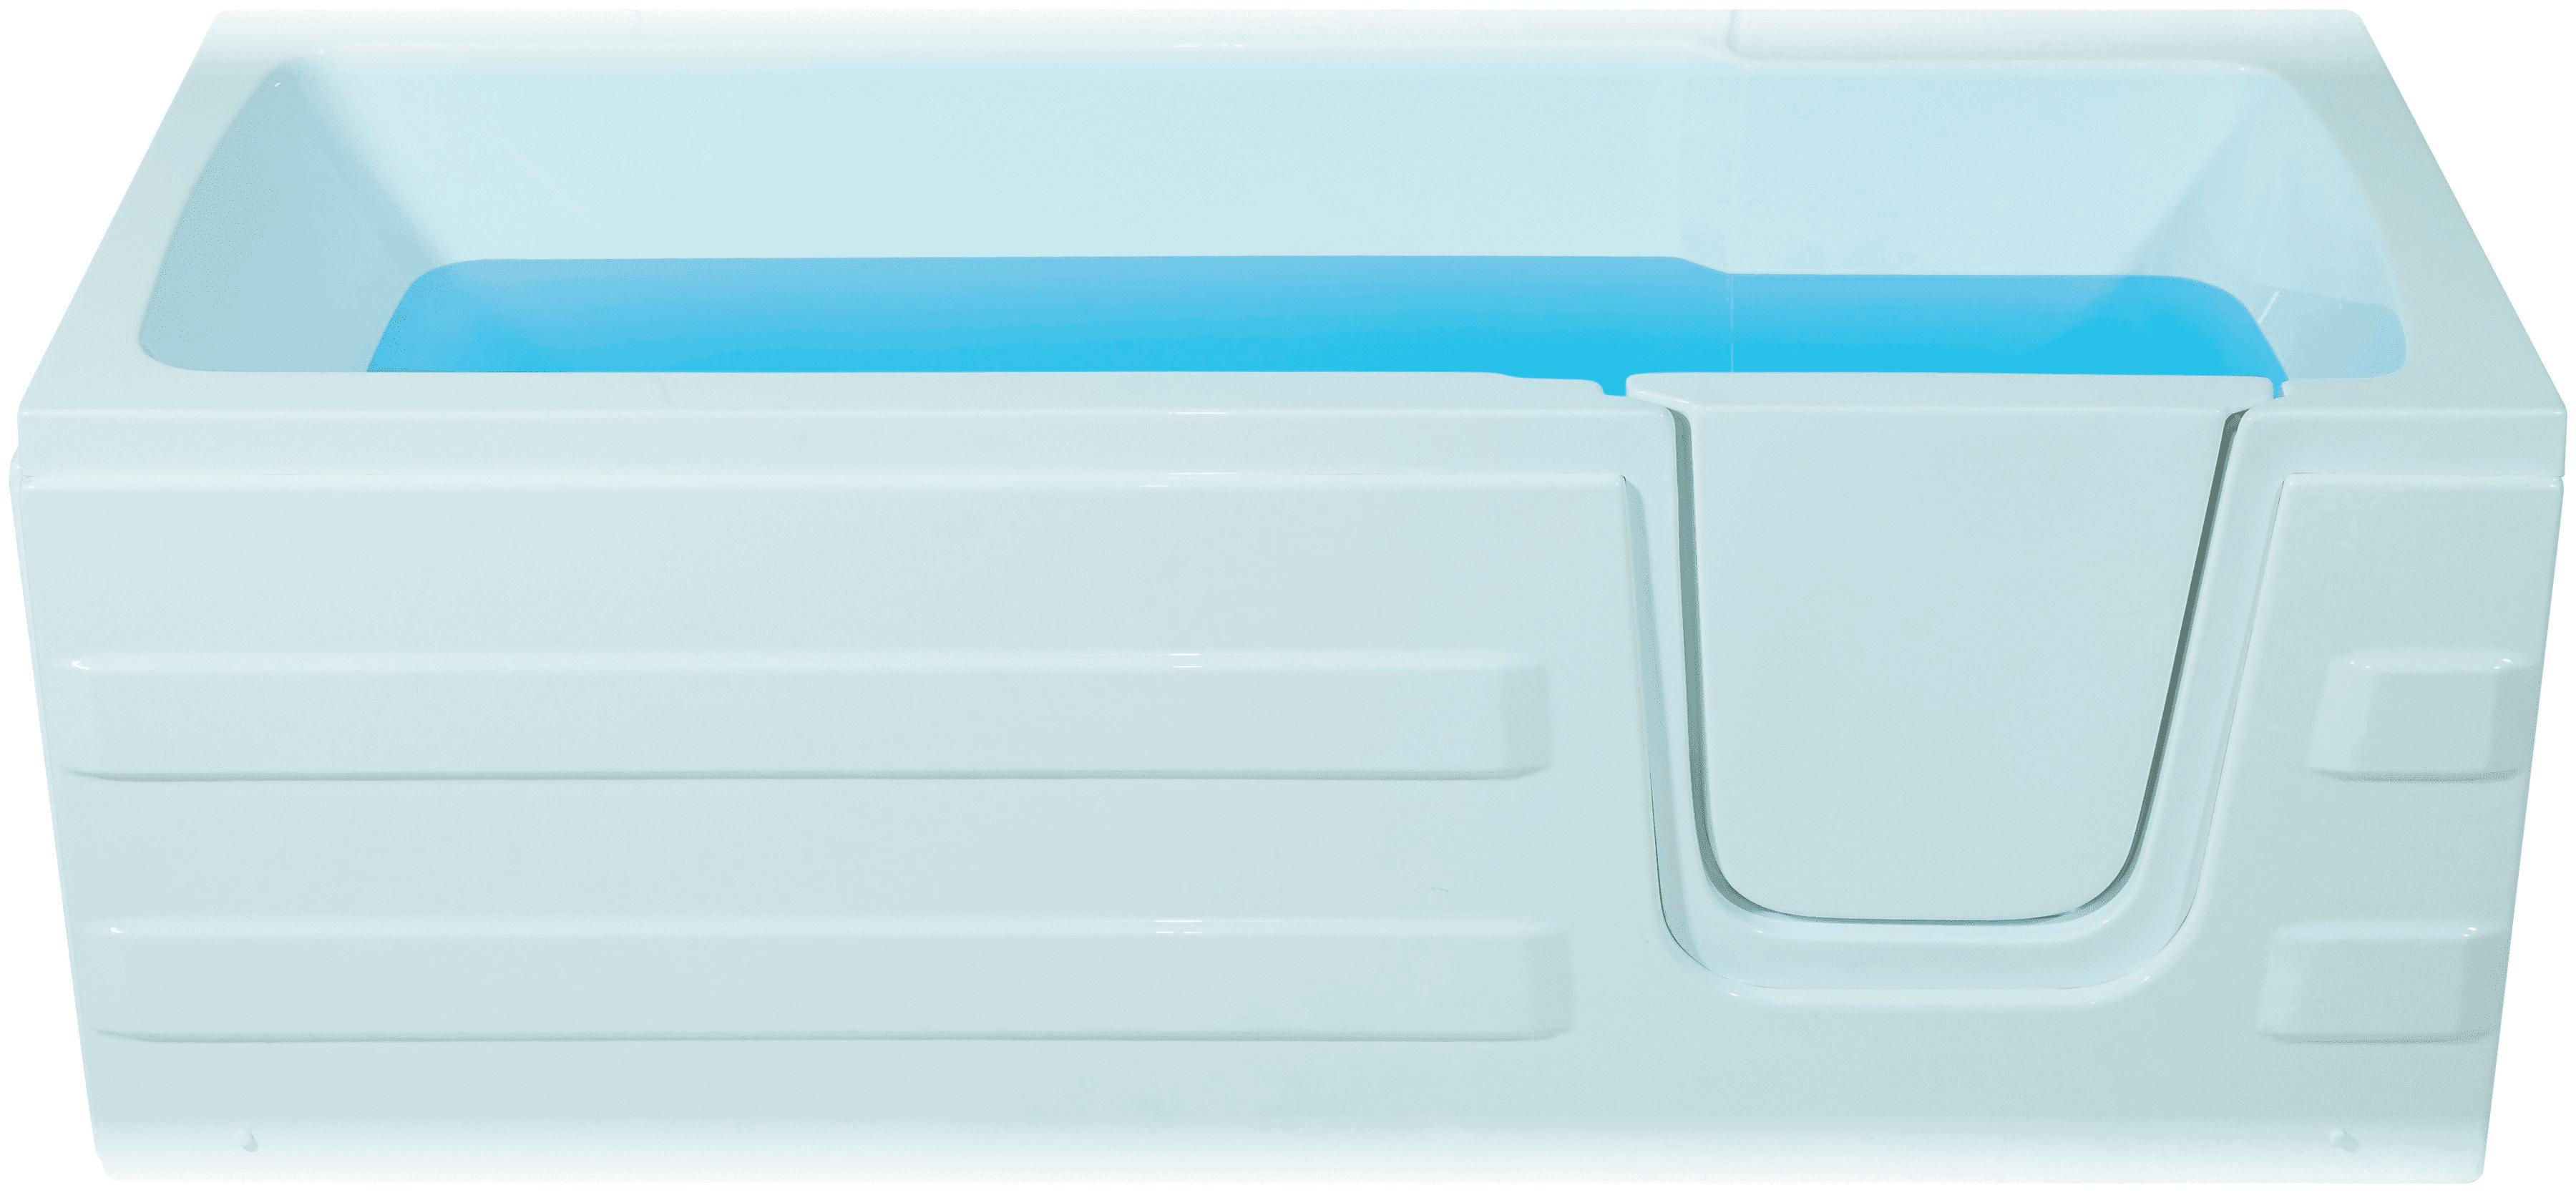 Productafbeelding van Badstuber Paros instap ligbad 170x76cm met deur rechts